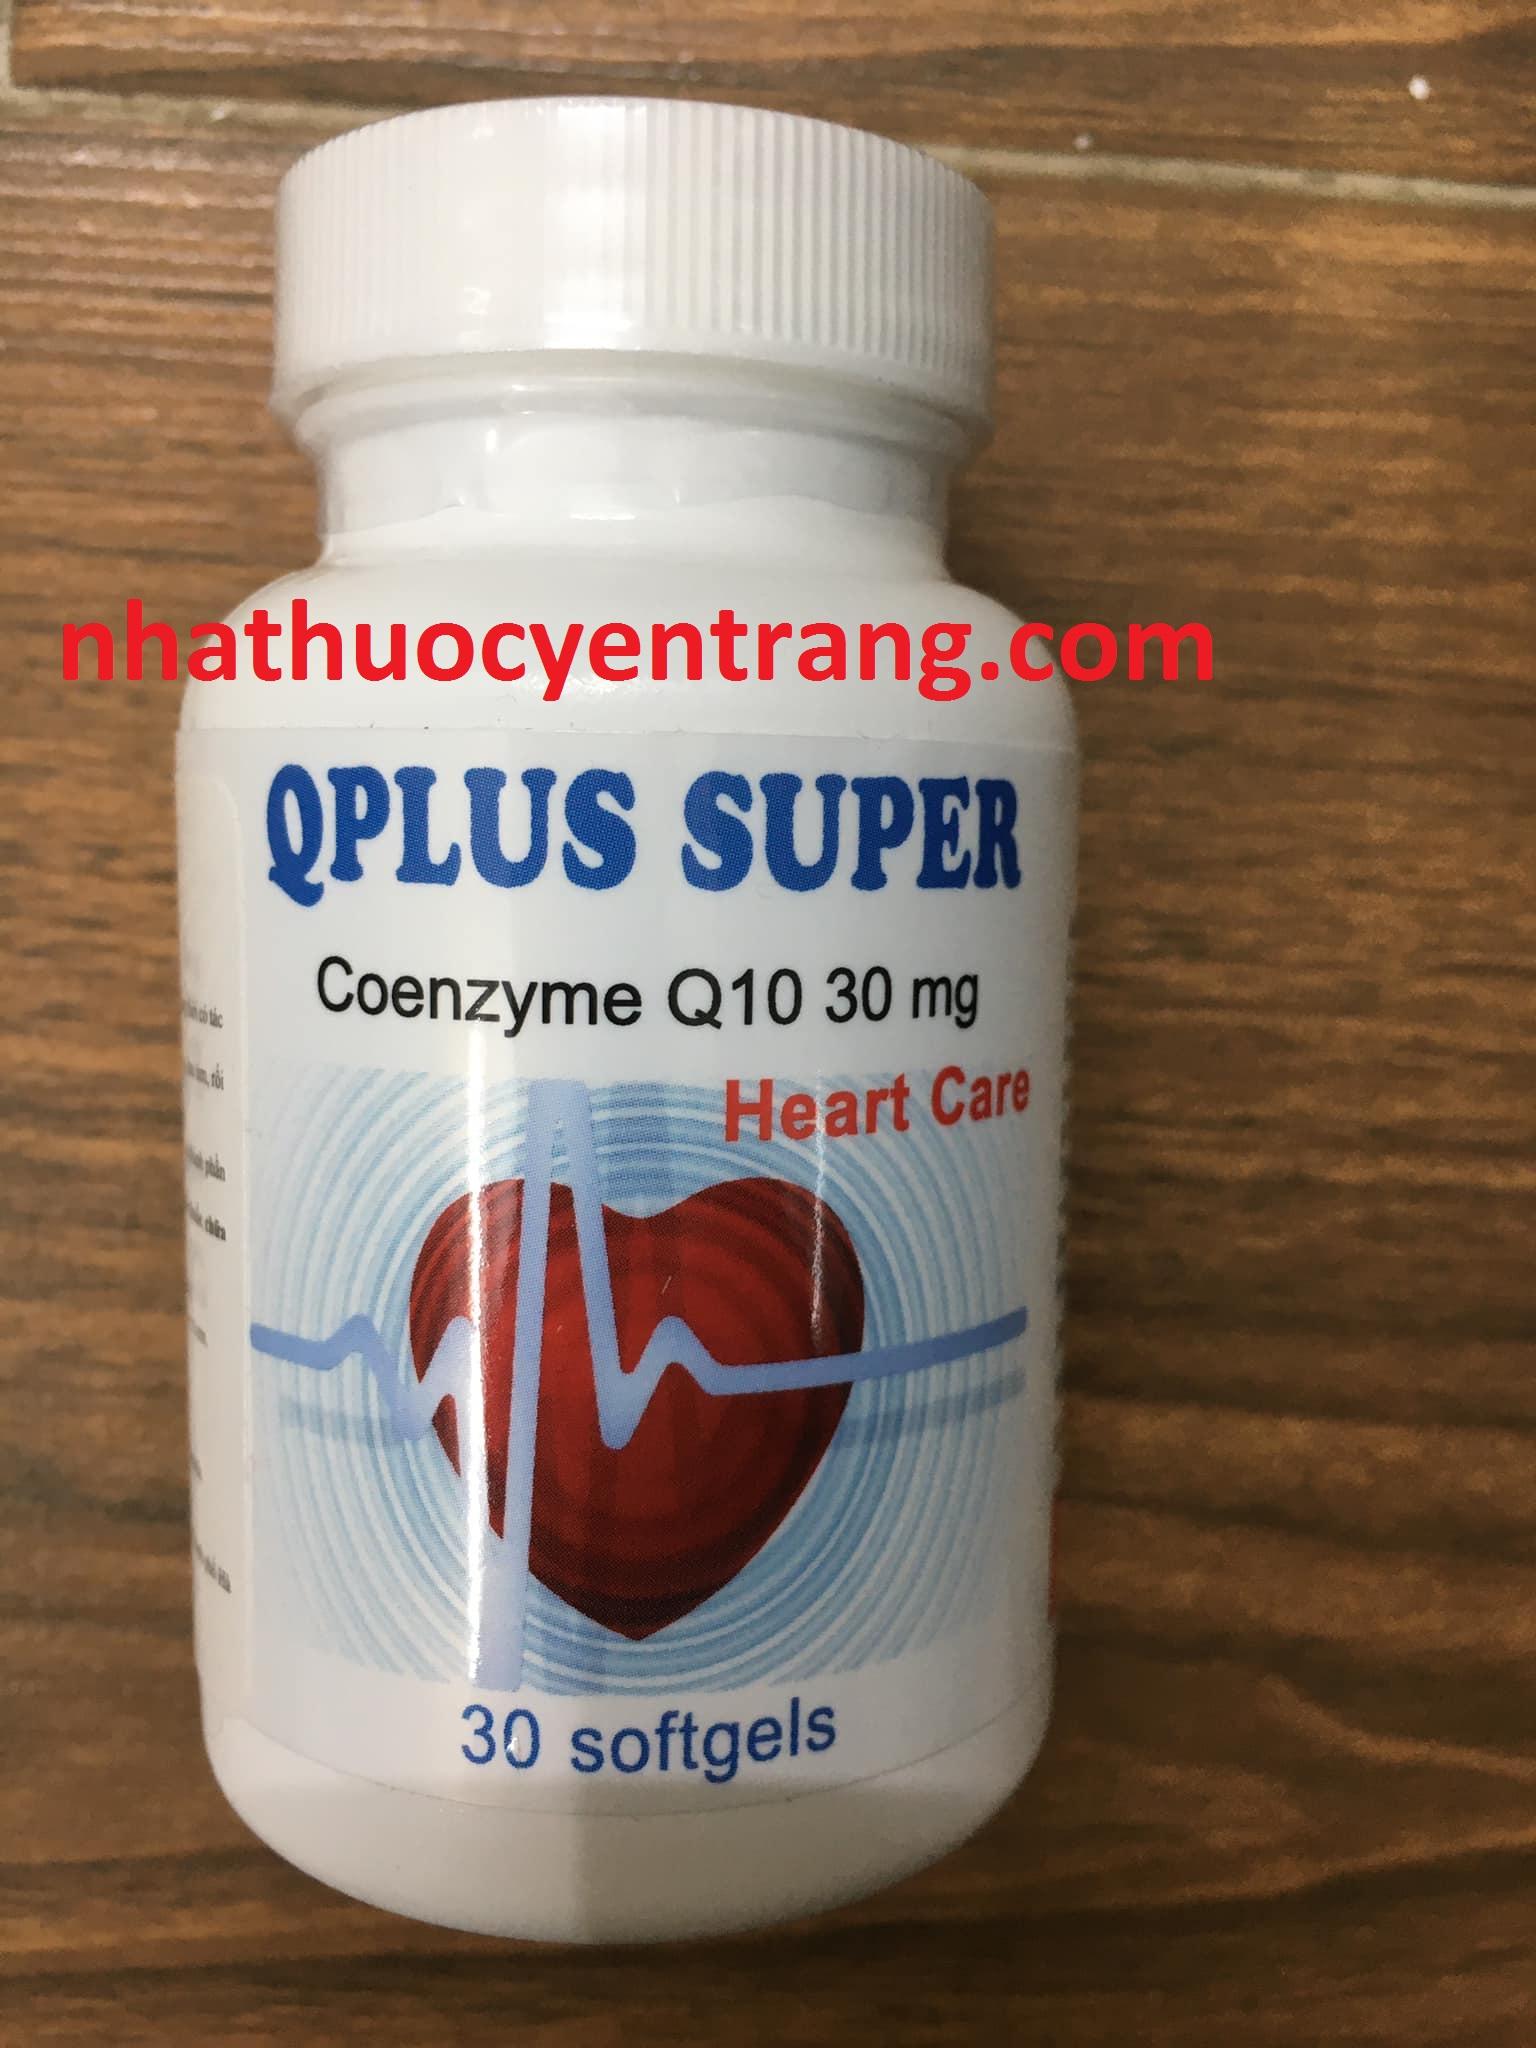 QPlus Super